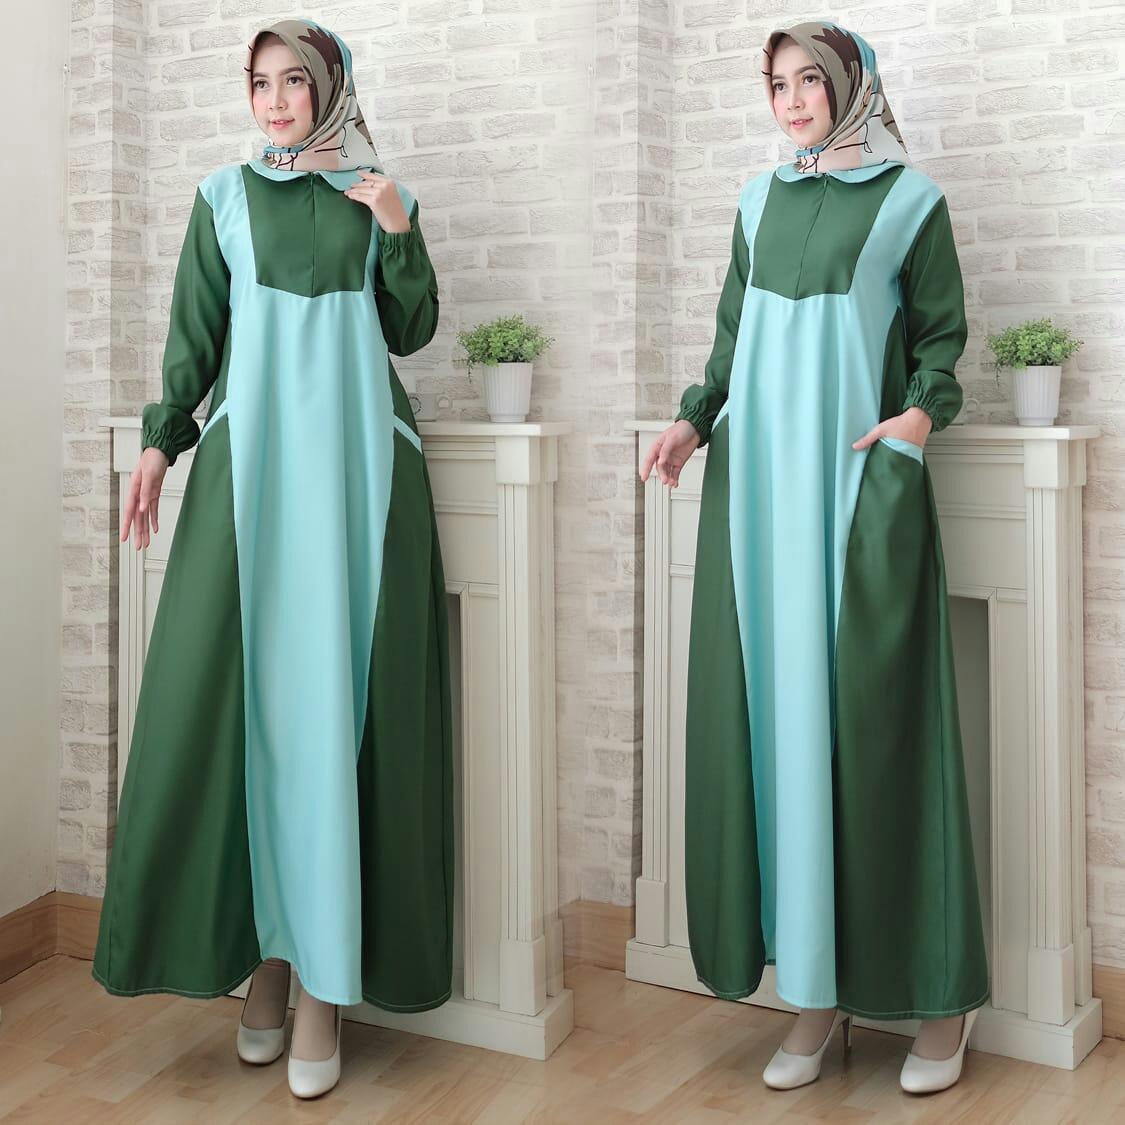 trendshopee Pakaian Muslim Wanita Gamis Maxy Jessy Ukuran Jumbo